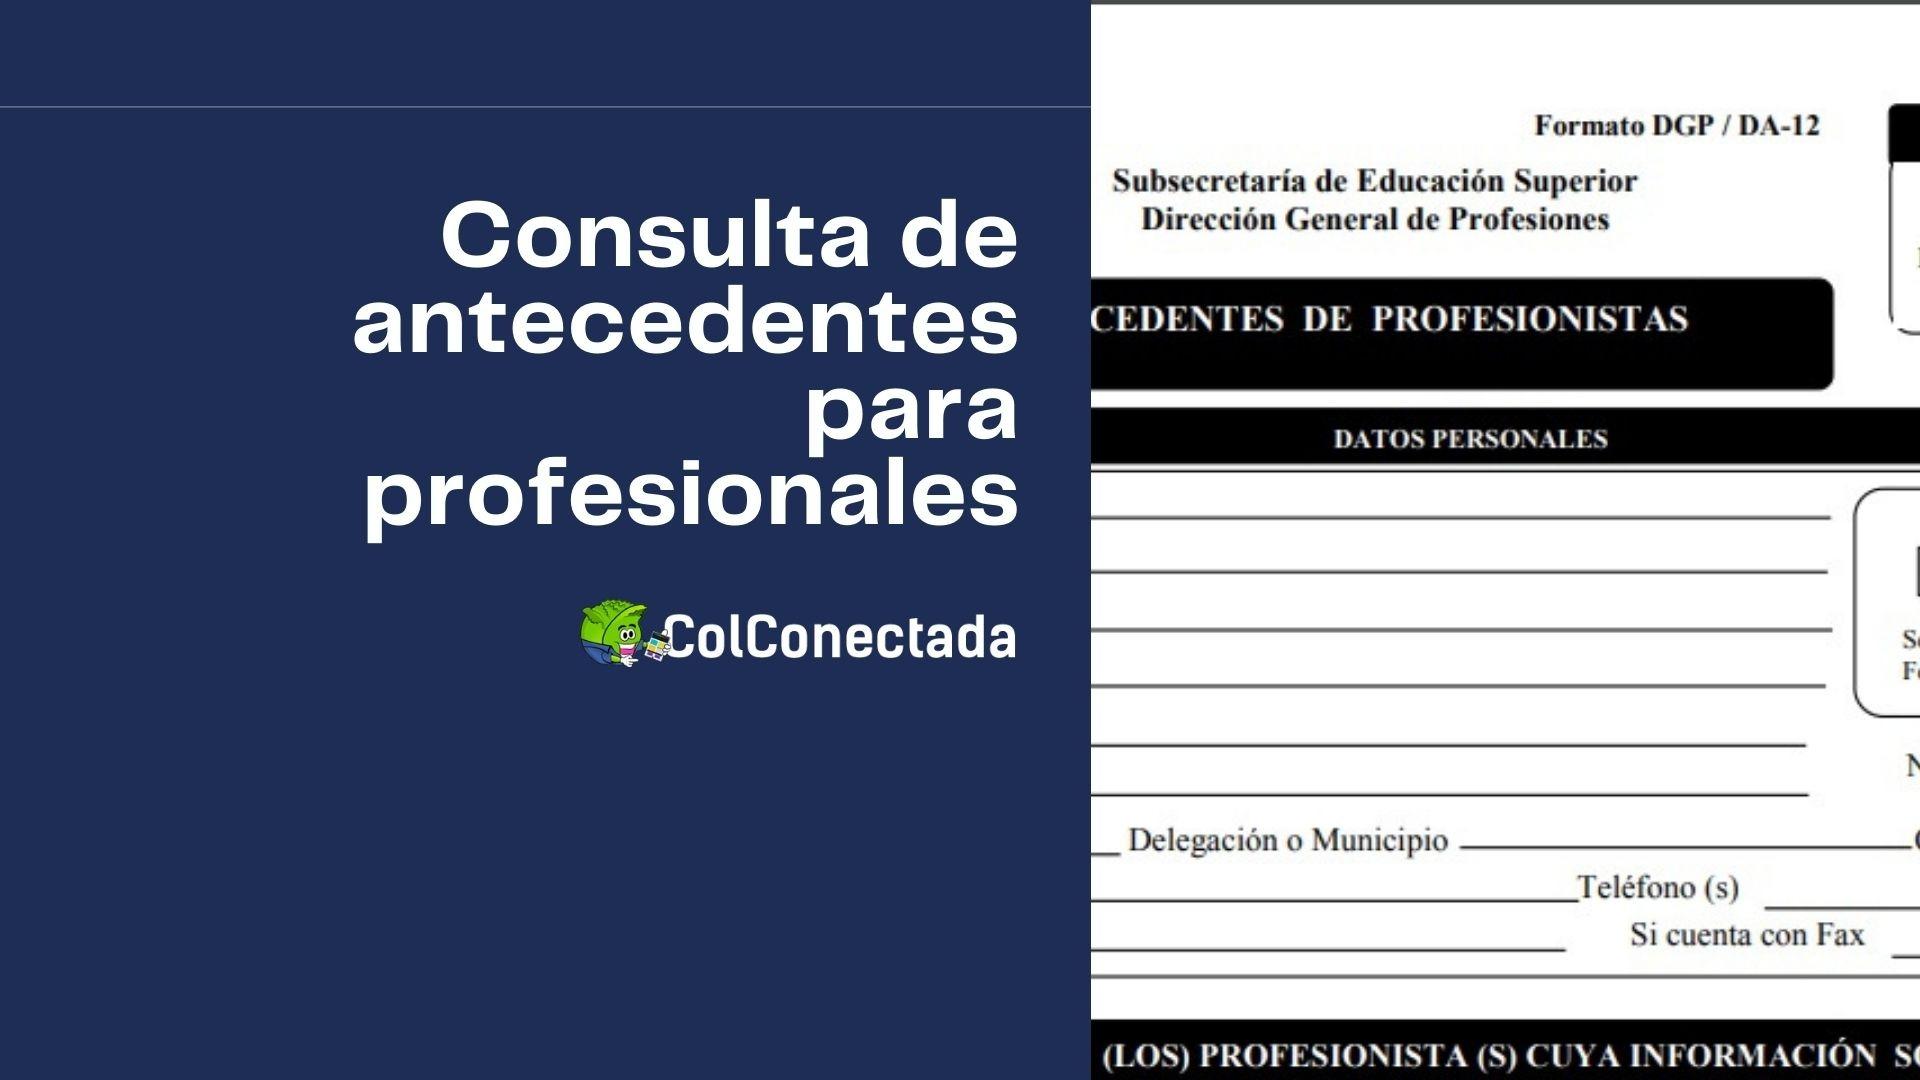 Cómo expedir el certificado de antecedentes profesionales 5